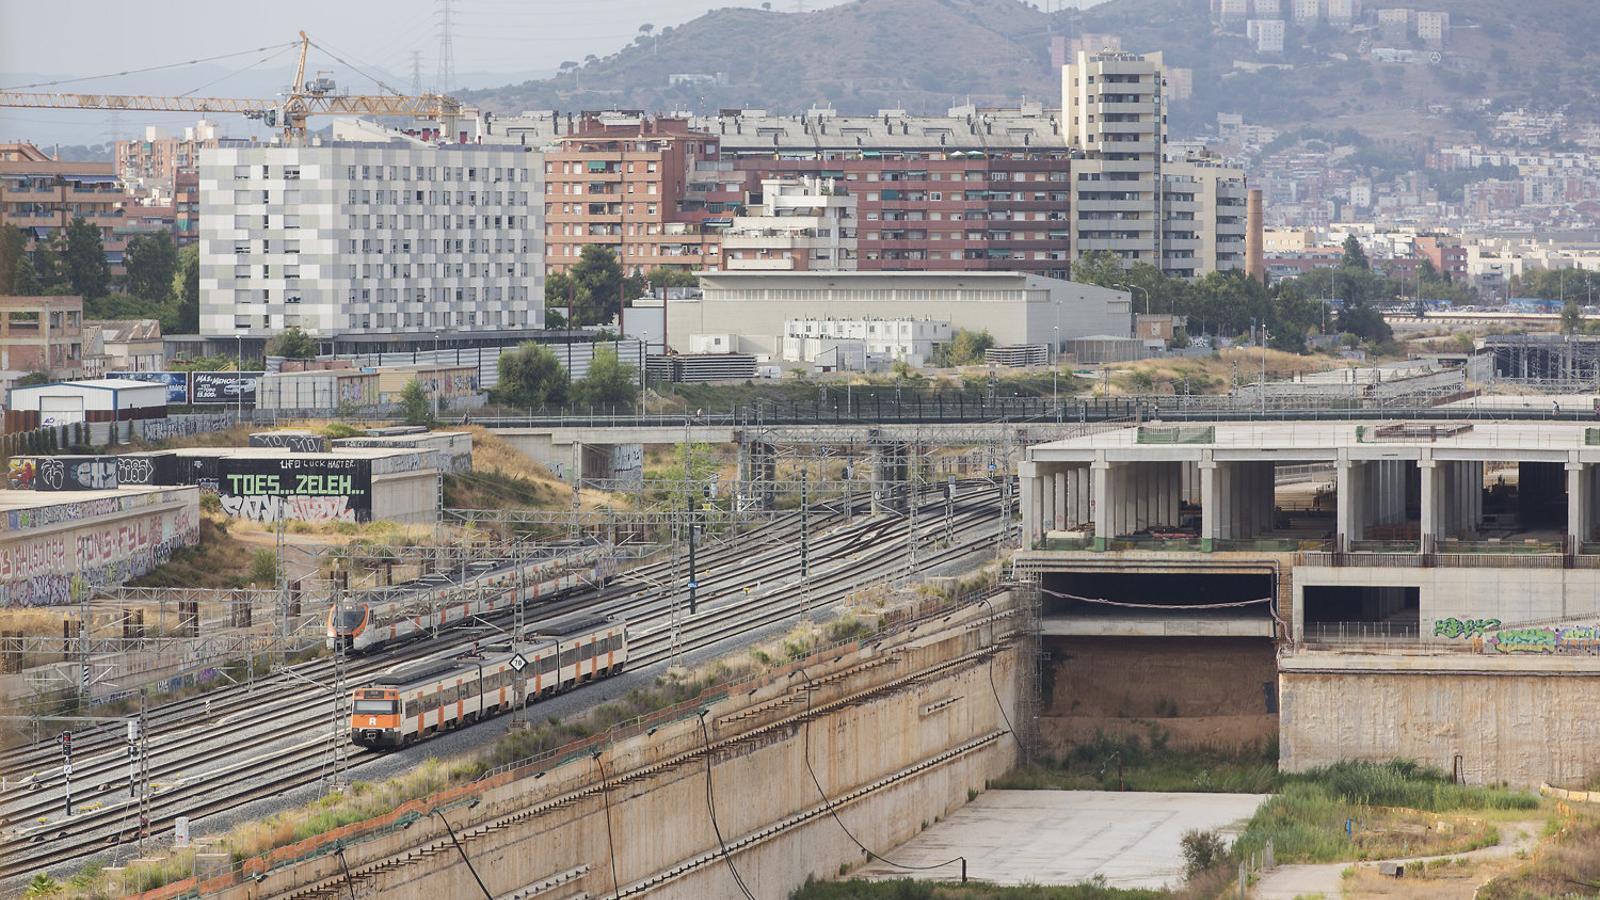 Vies de la xarxa de Rodalies a la zona en obres de la futura estació de la Sagrera, paralitzades fins fa poc temps.